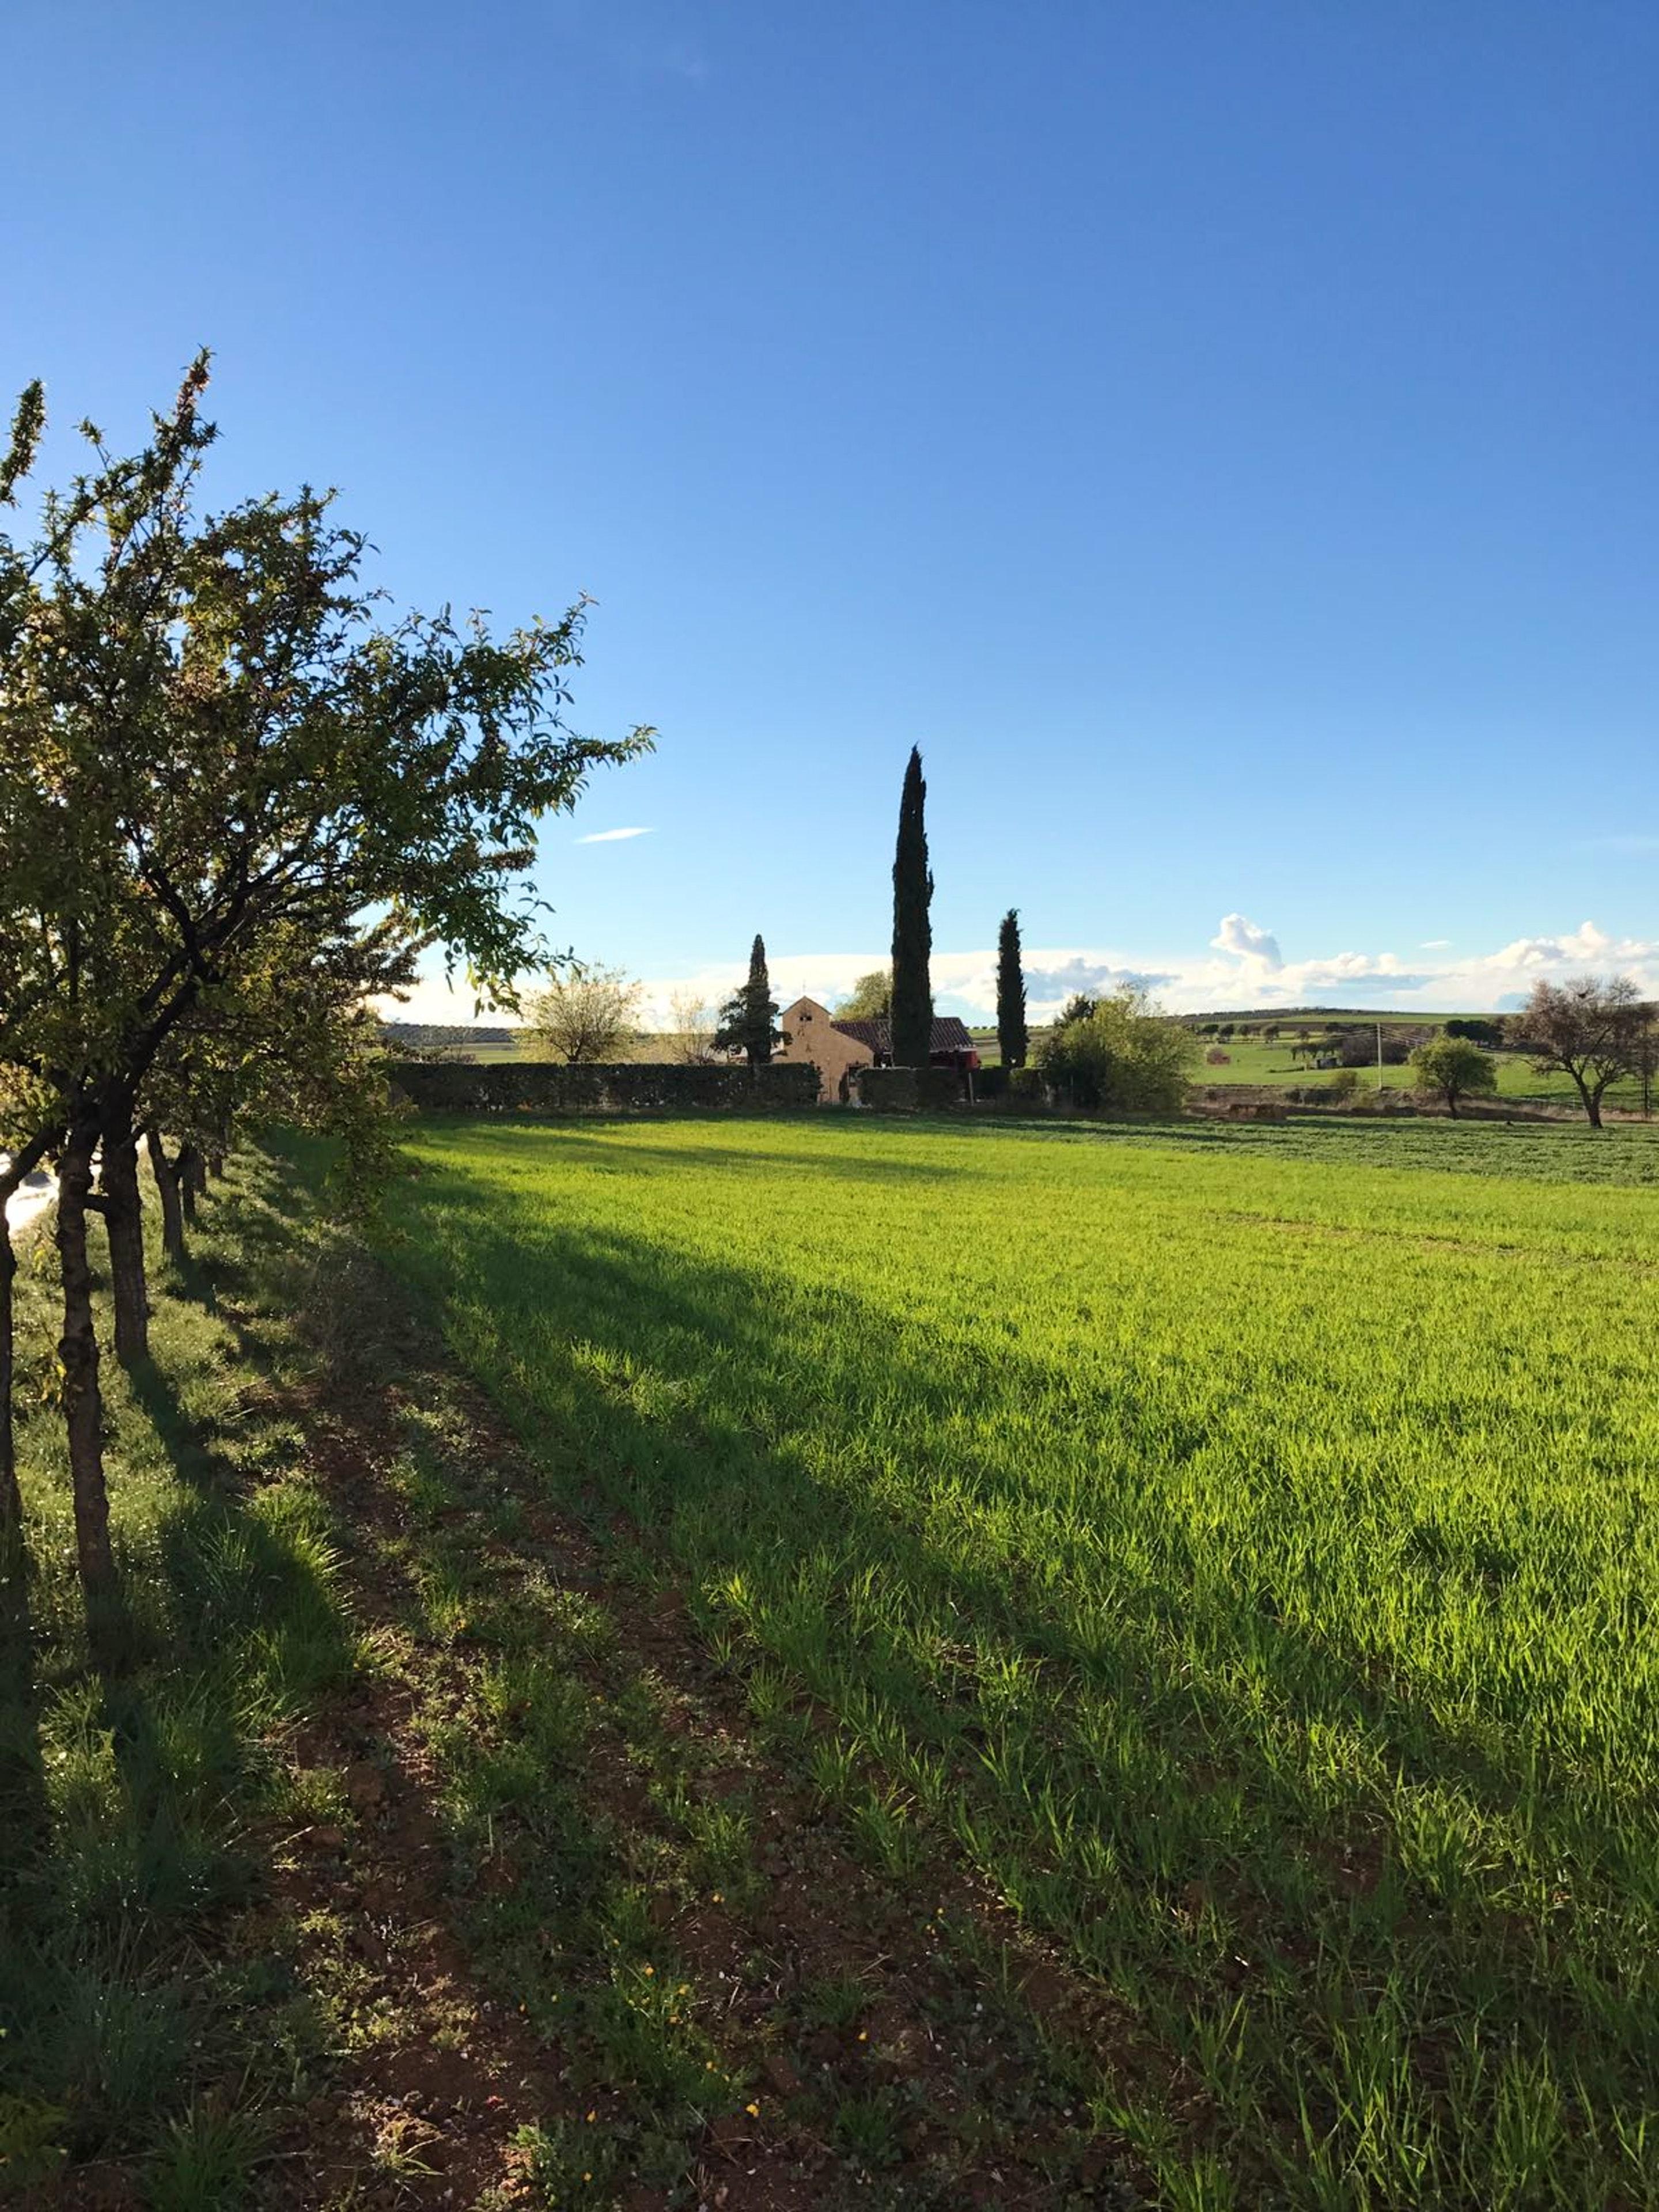 Ferienhaus Haus mit 7 Schlafzimmern in Burguillos de Toledo mit privatem Pool und eingezäuntem Garten (2299203), Burguillos de Toledo, Toledo, Kastilien-La Mancha, Spanien, Bild 43